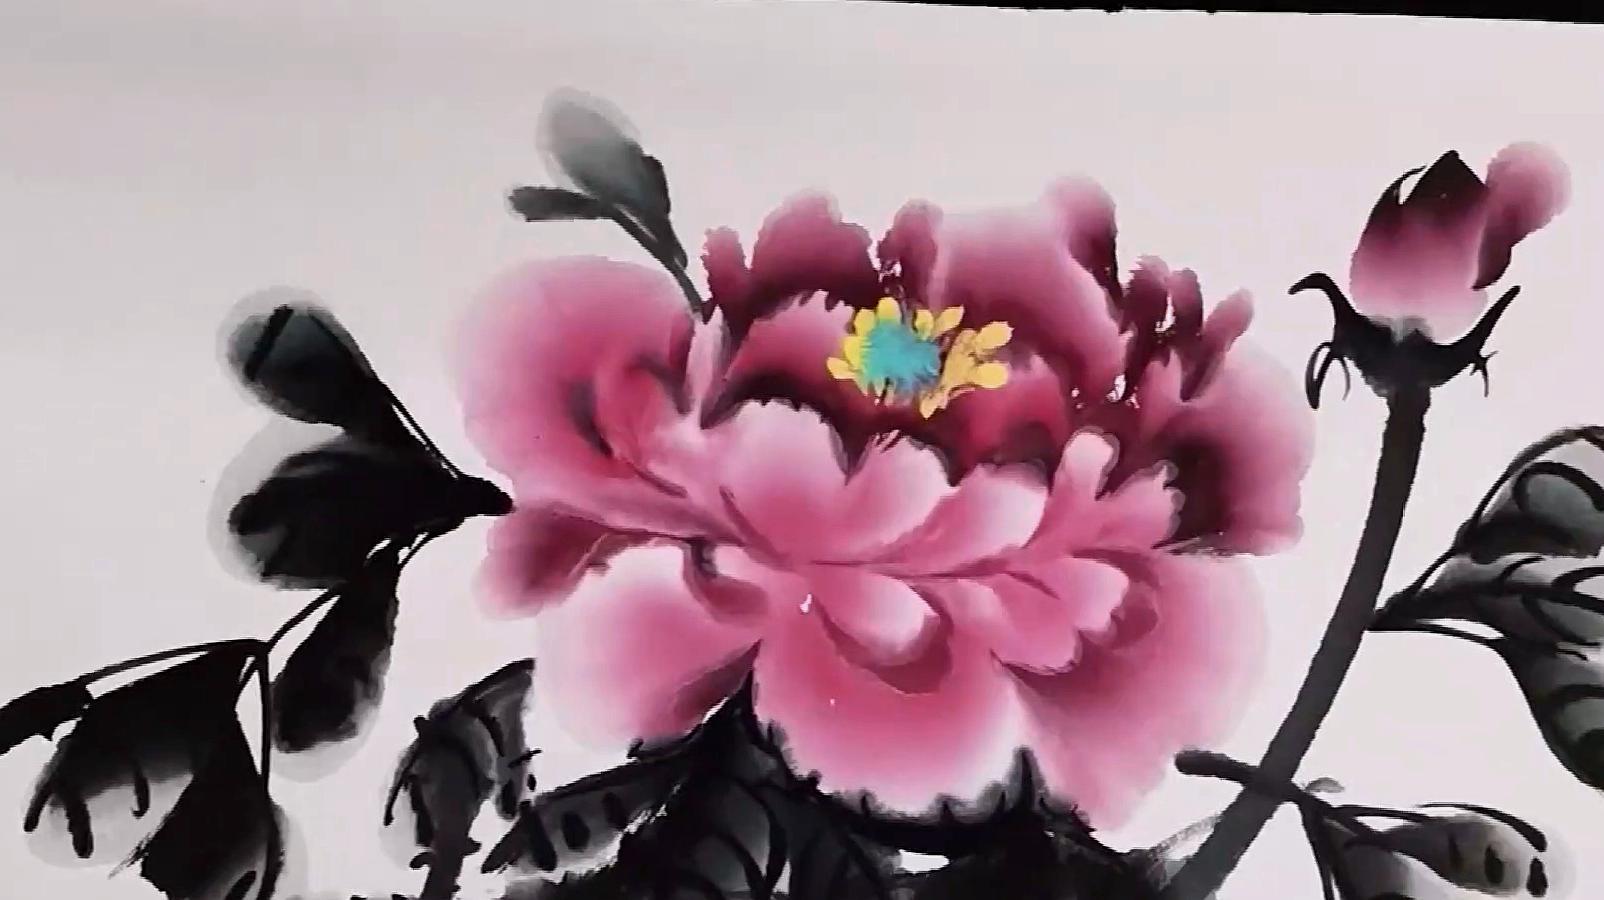 国画:老师展示牡丹绘画过程,笔法清晰,值得收藏!